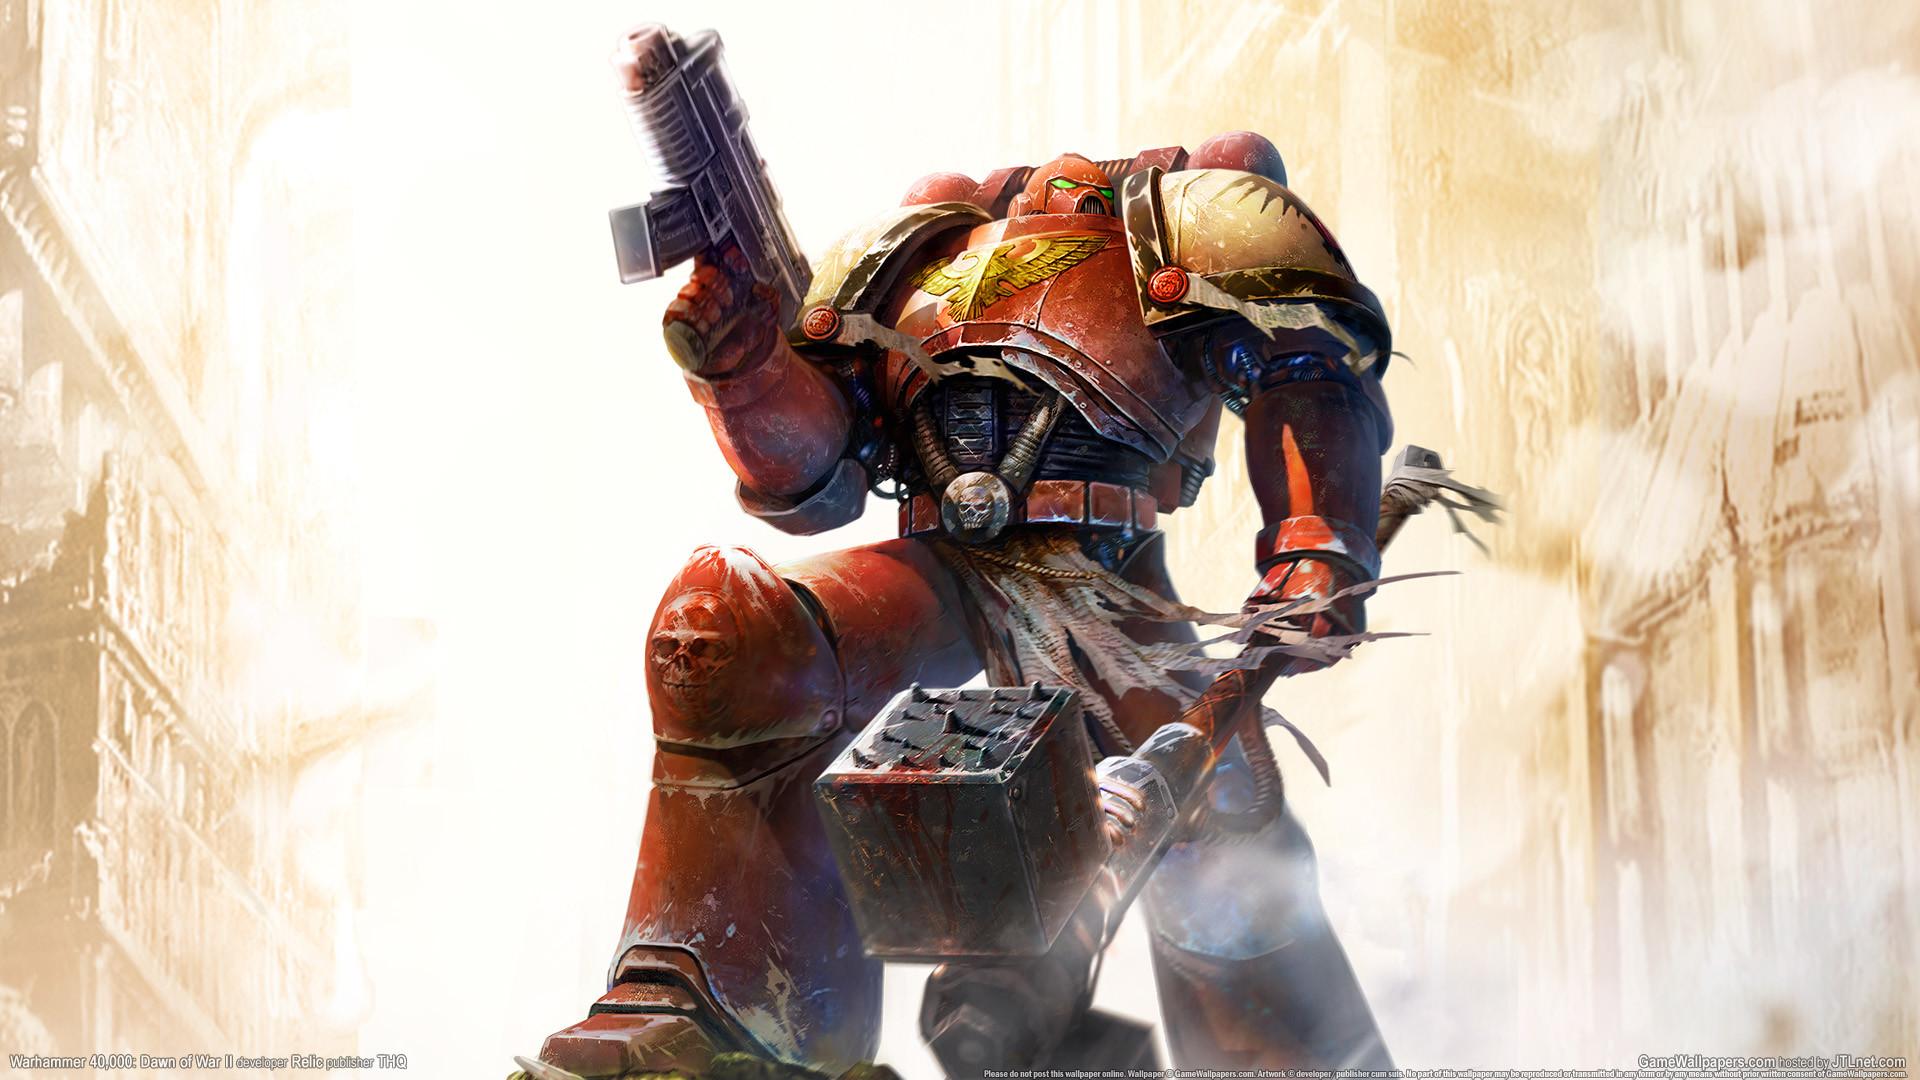 40K Wallpaper Warhammer, 40K, Blood, Ravens, Space,